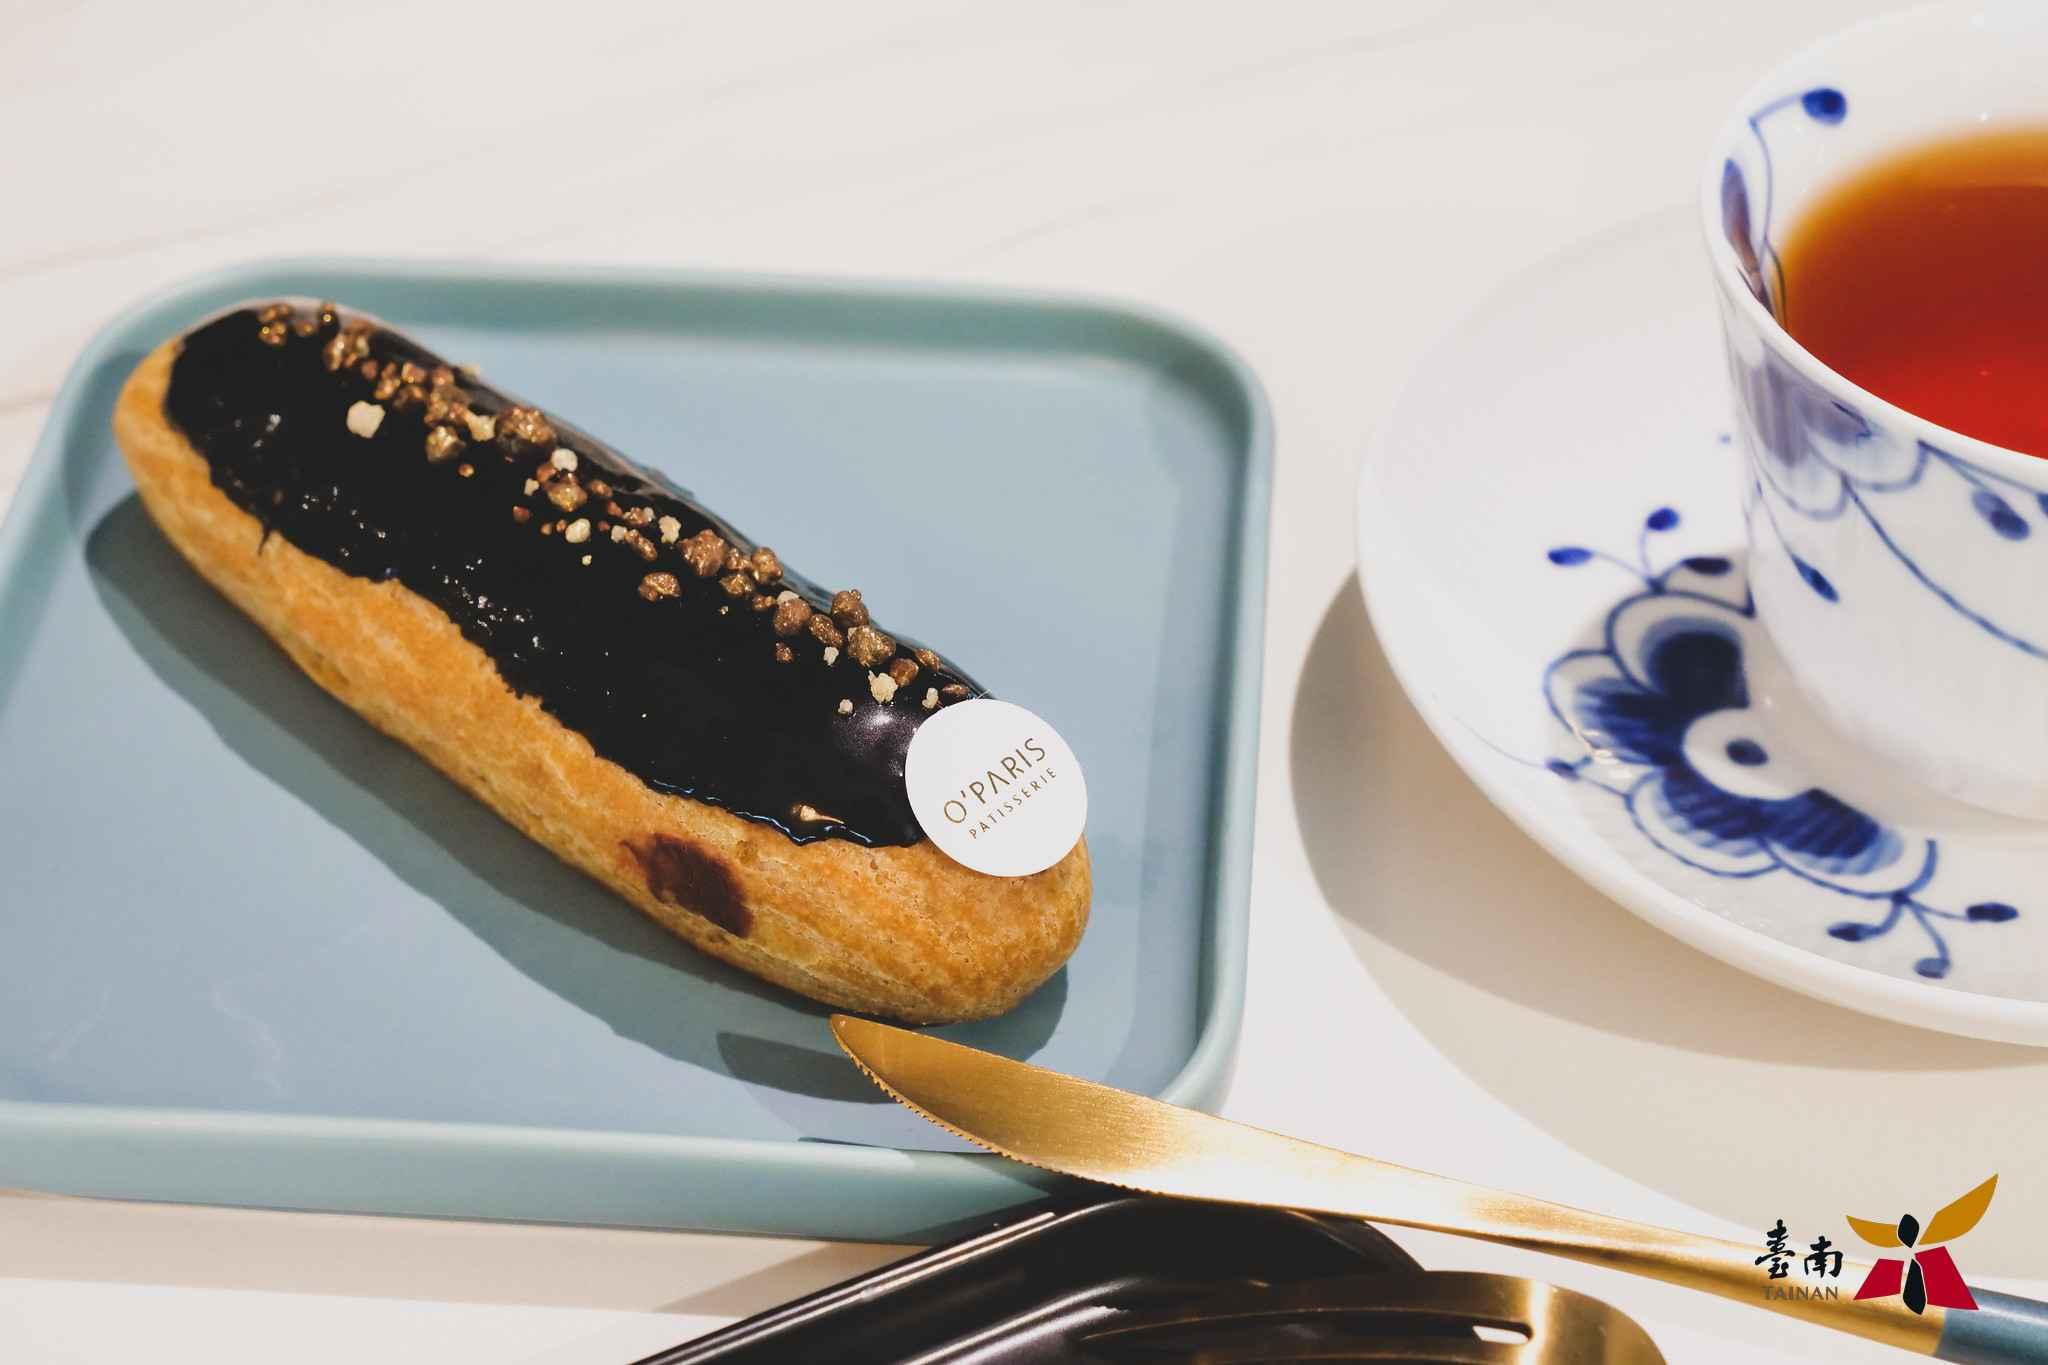 台南法式甜點 - Mytainan - 06